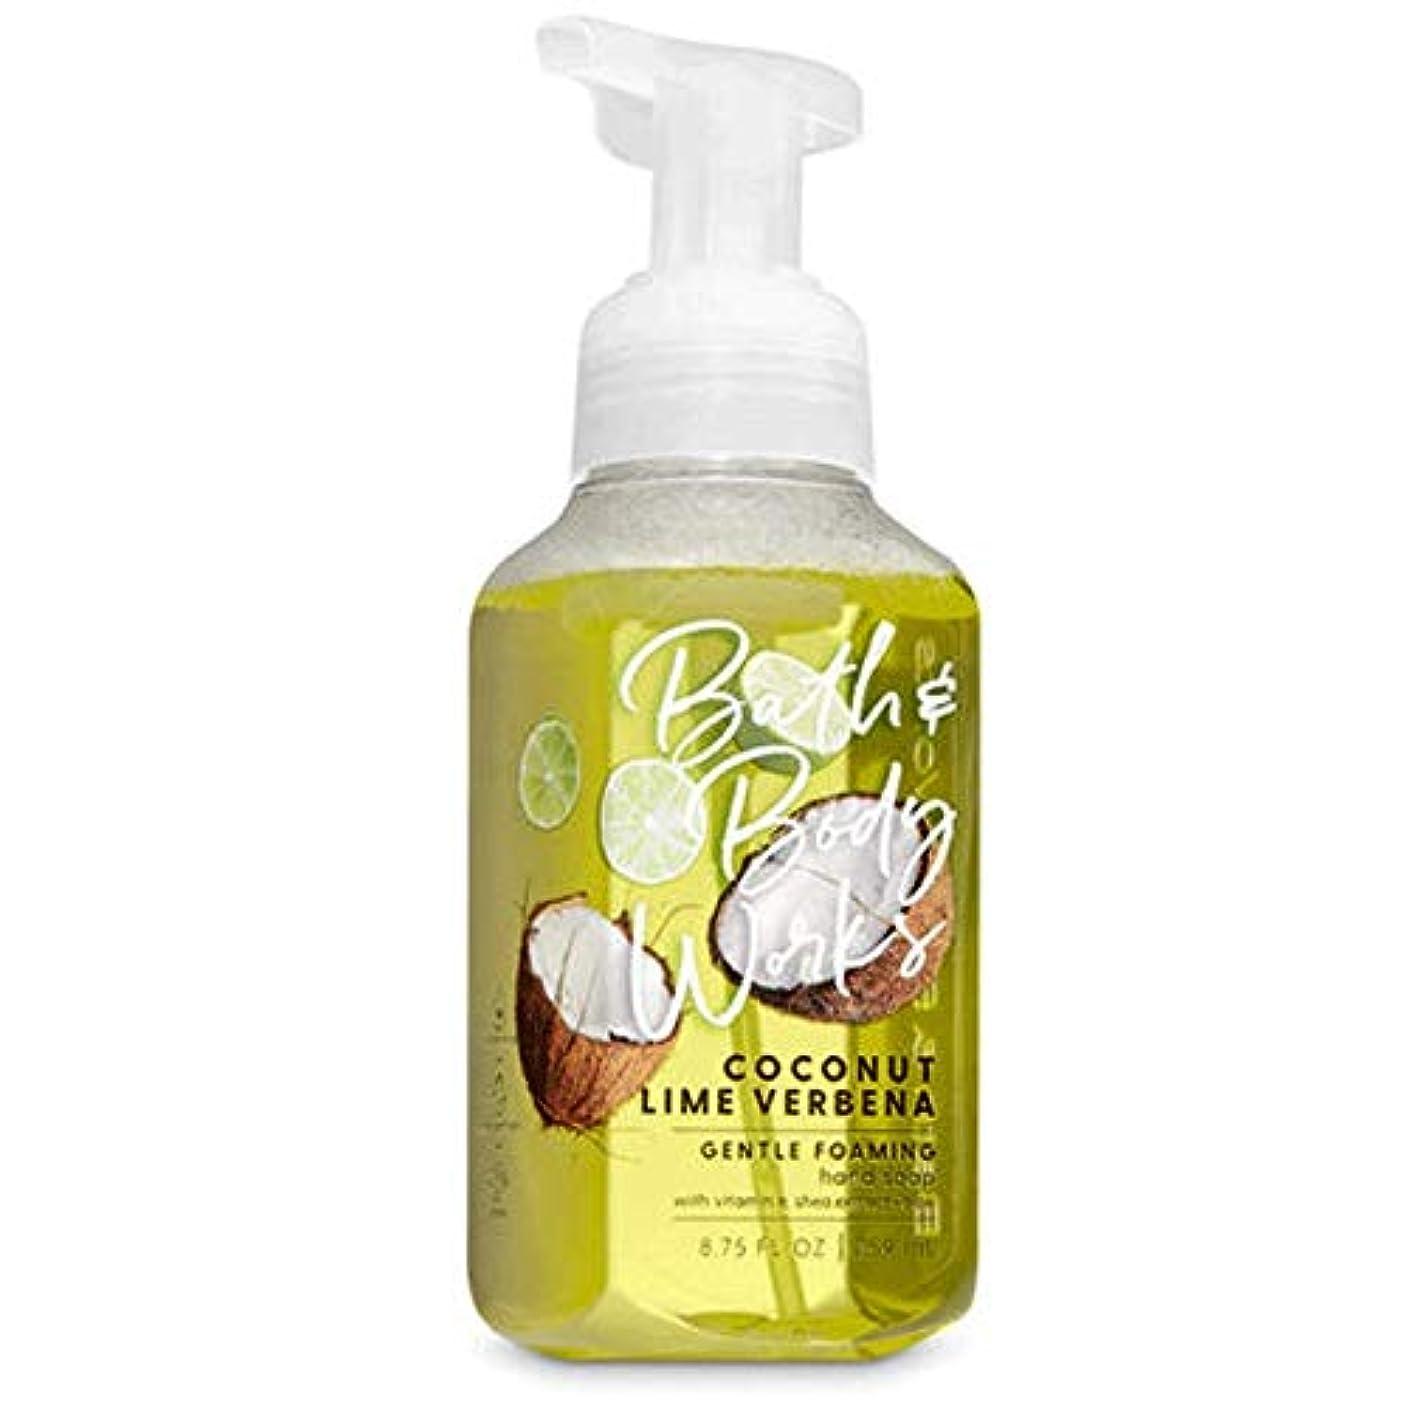 バタフライ取り壊す中絶バス&ボディワークス ココナッツライムバーベナ ジェントル フォーミング ハンドソープ Coconut Lime Verbena Gentle Foaming Hand Soap